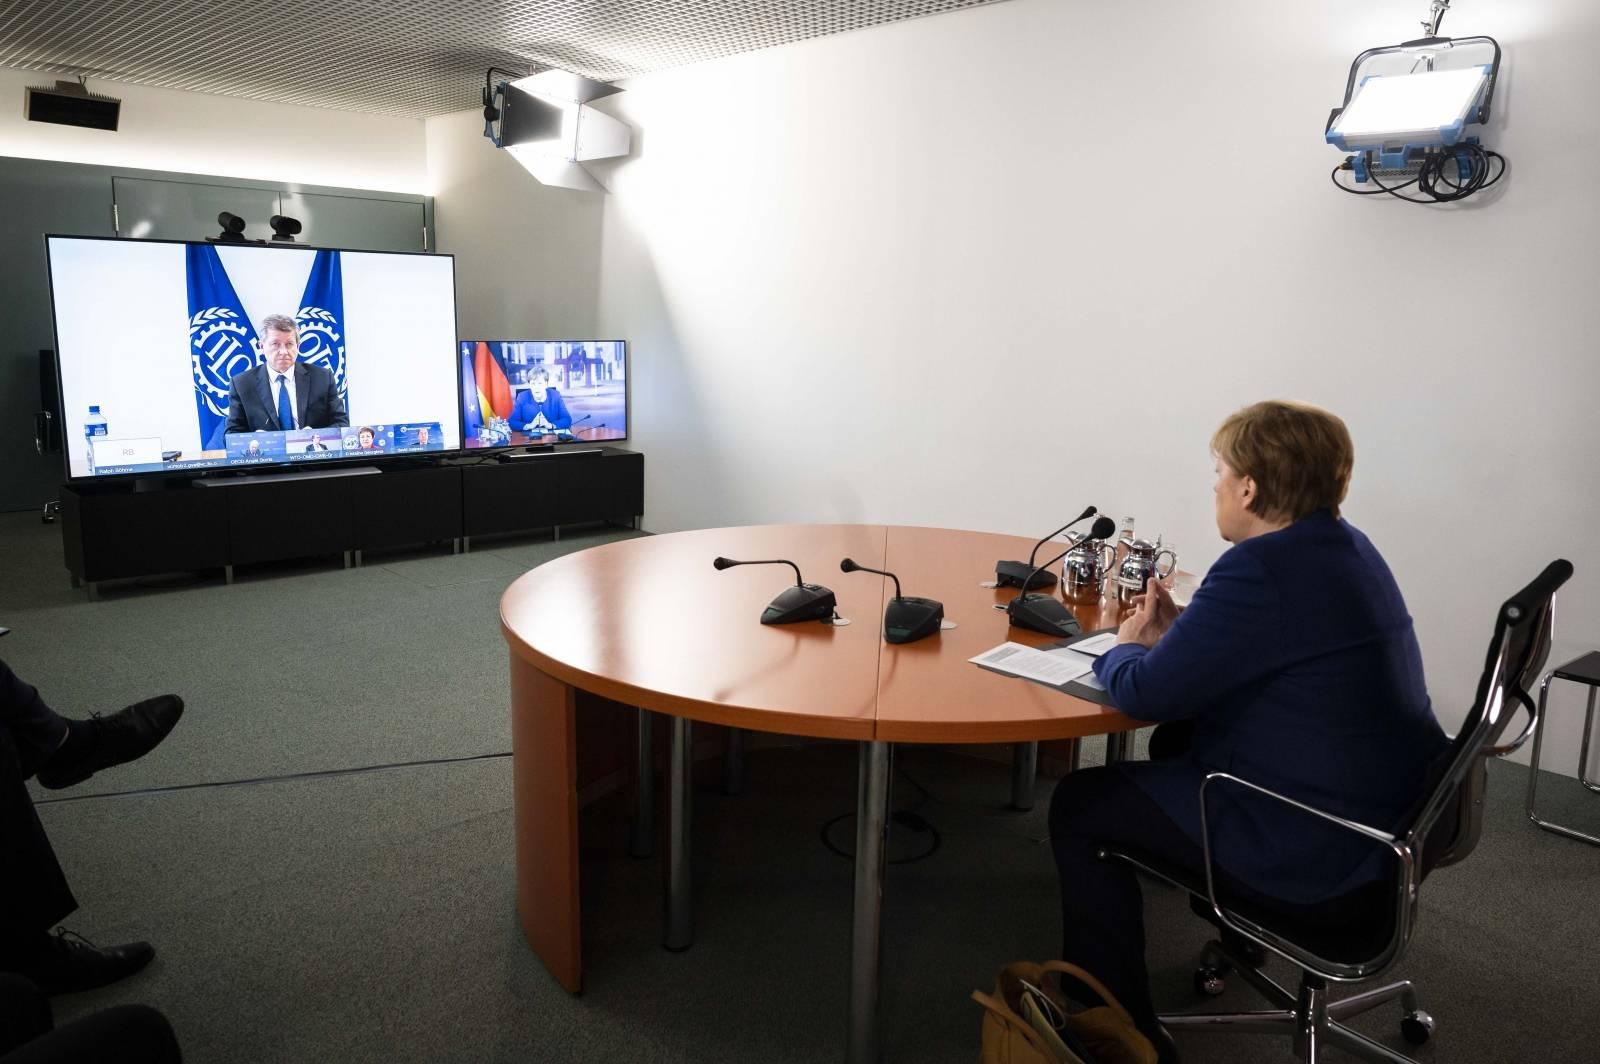 Statement Federal Chancellor Angela Merkel